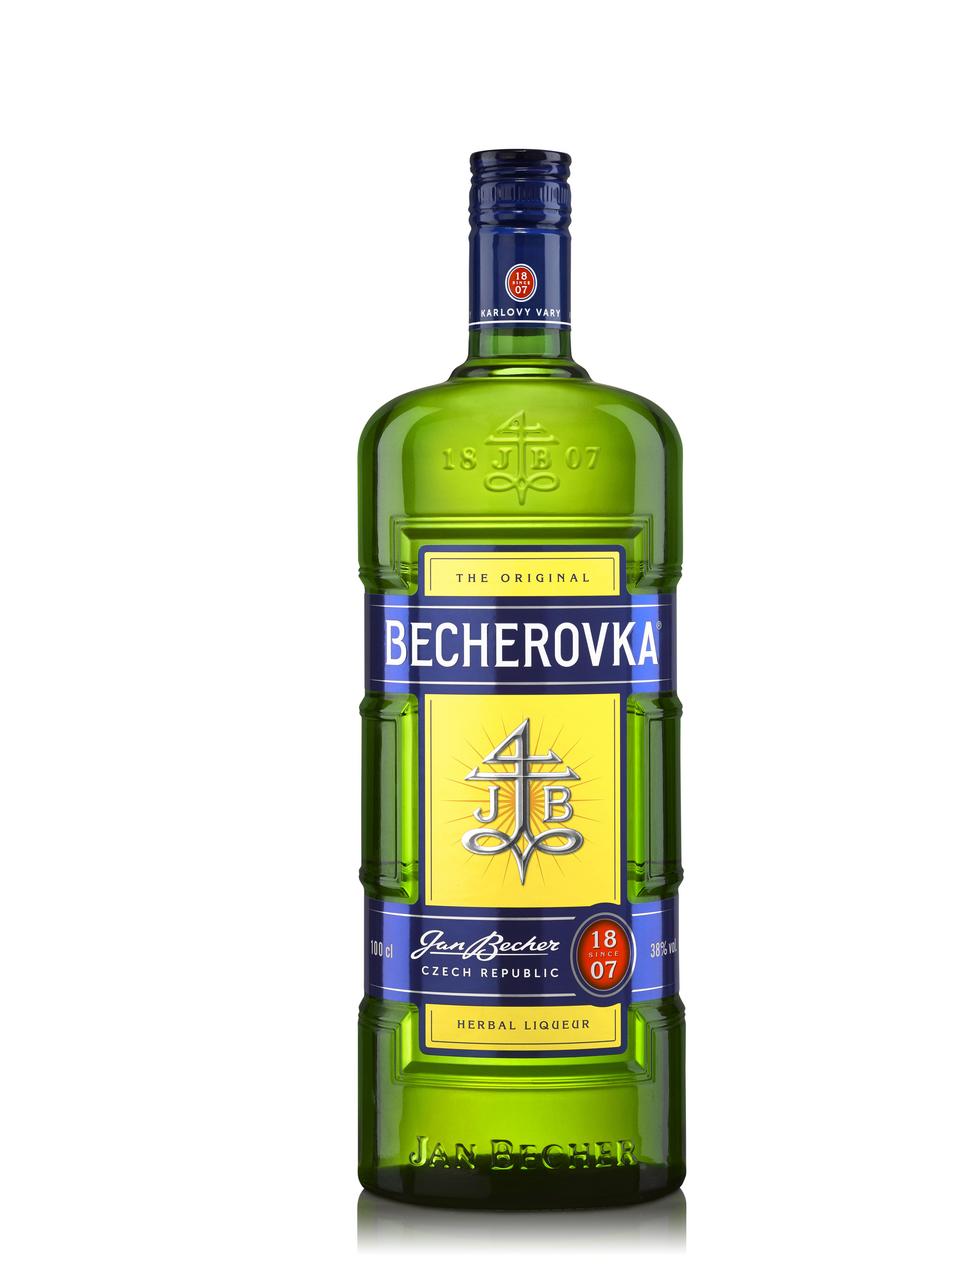 Настоянка Becherovka Original лікерна на травах 38% 1л